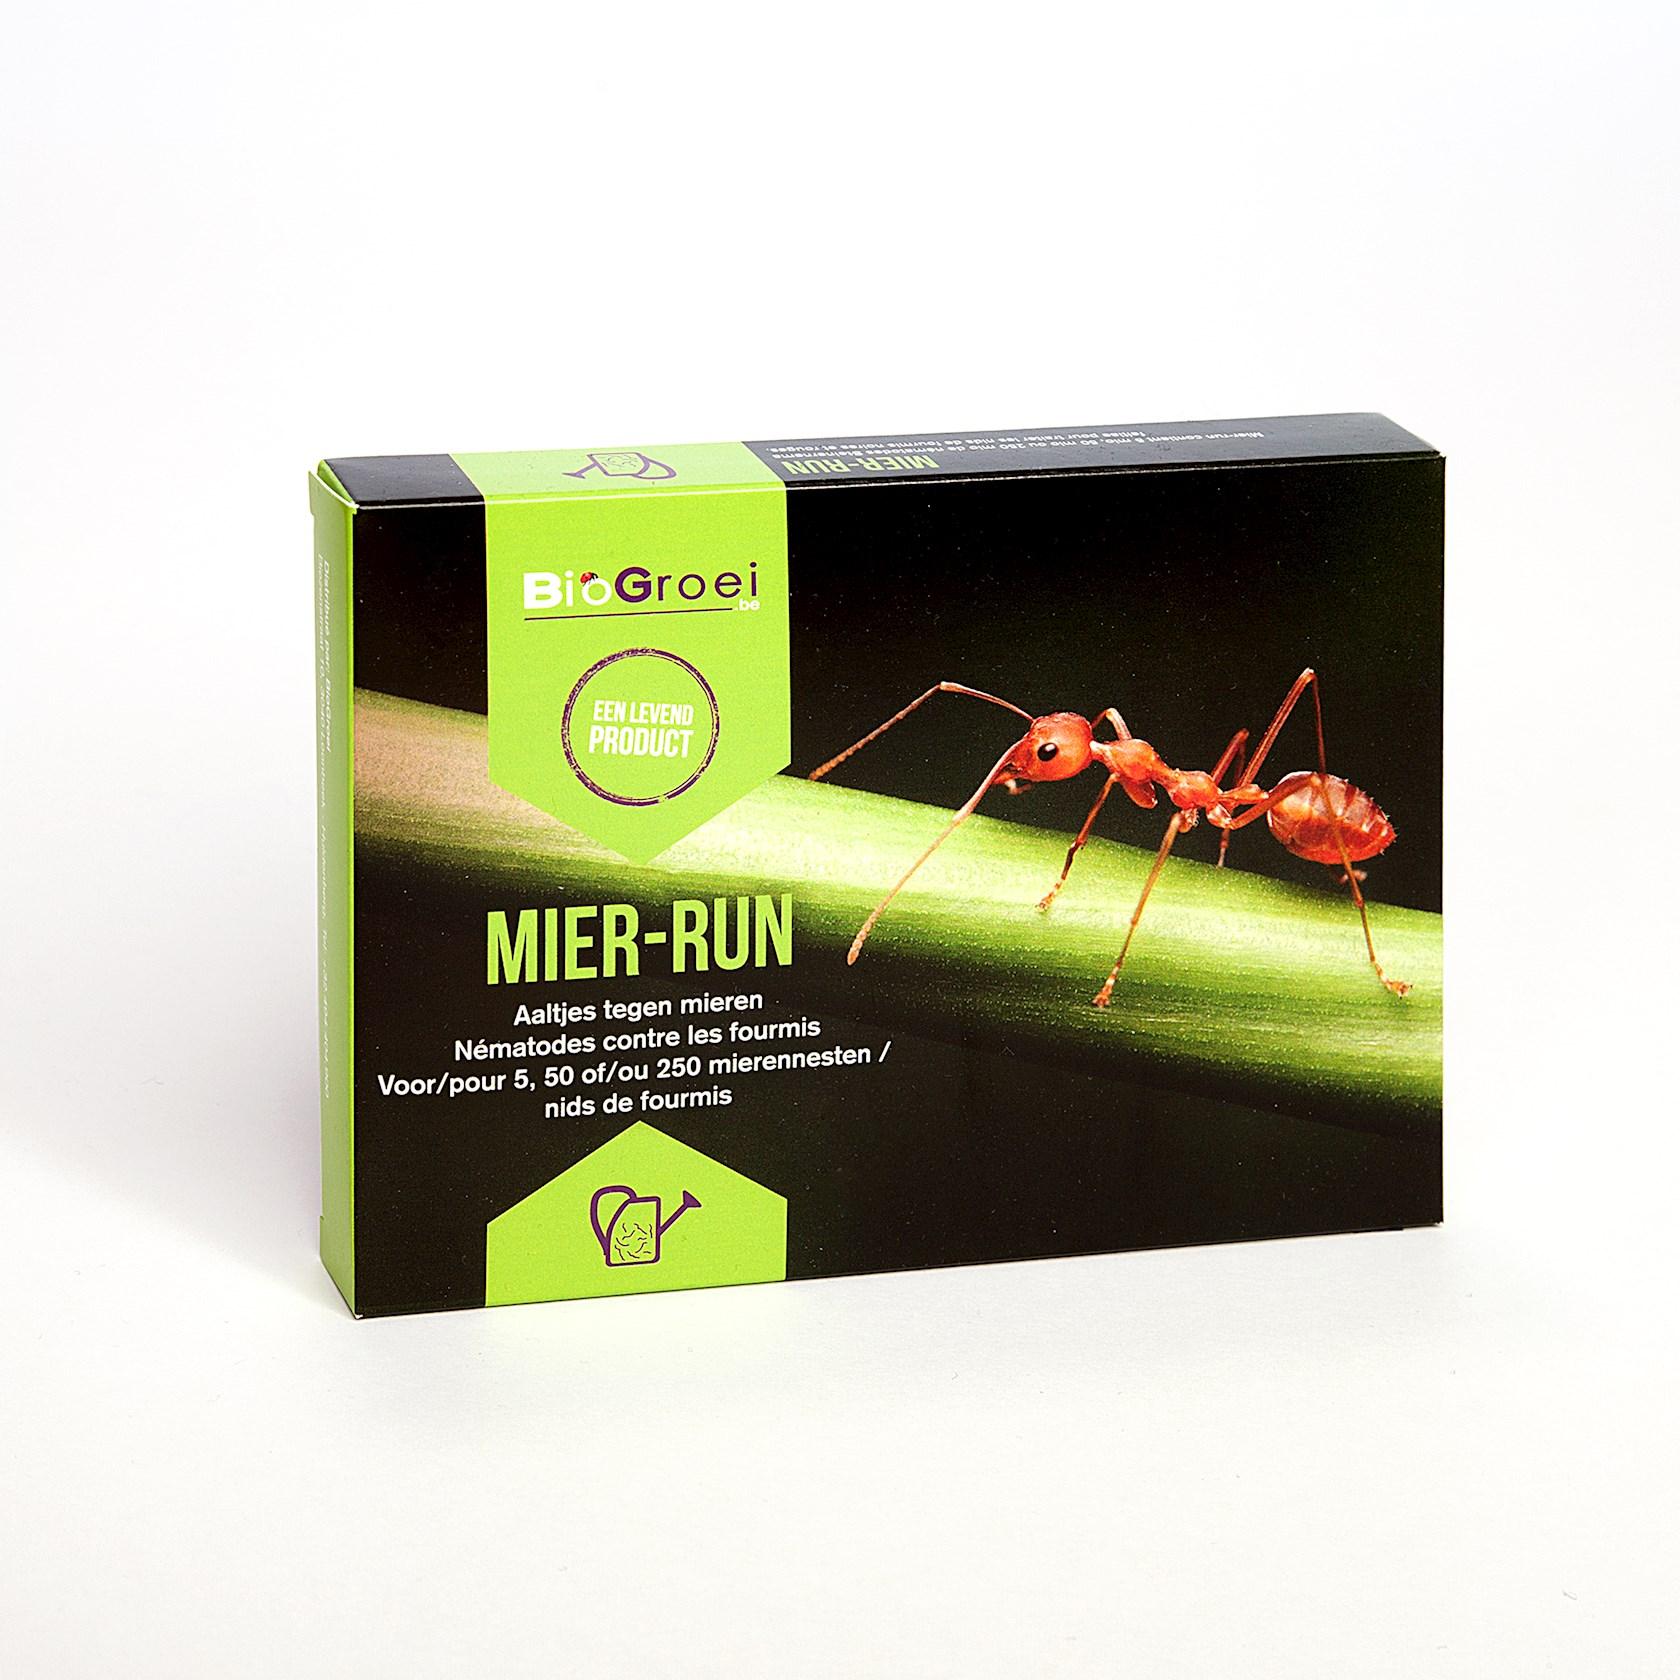 Mier-run 50m² tegen zwarte en rode mieren